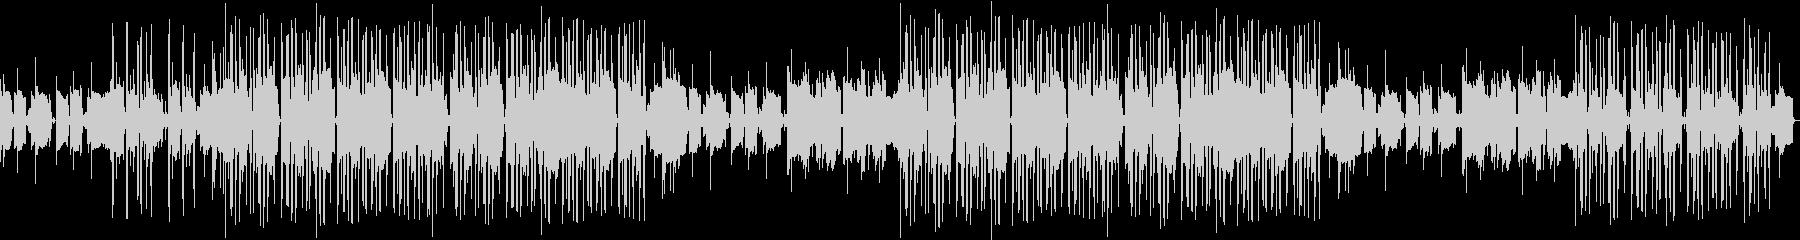 生音ギター・センチメンタル・エモ・ループの未再生の波形